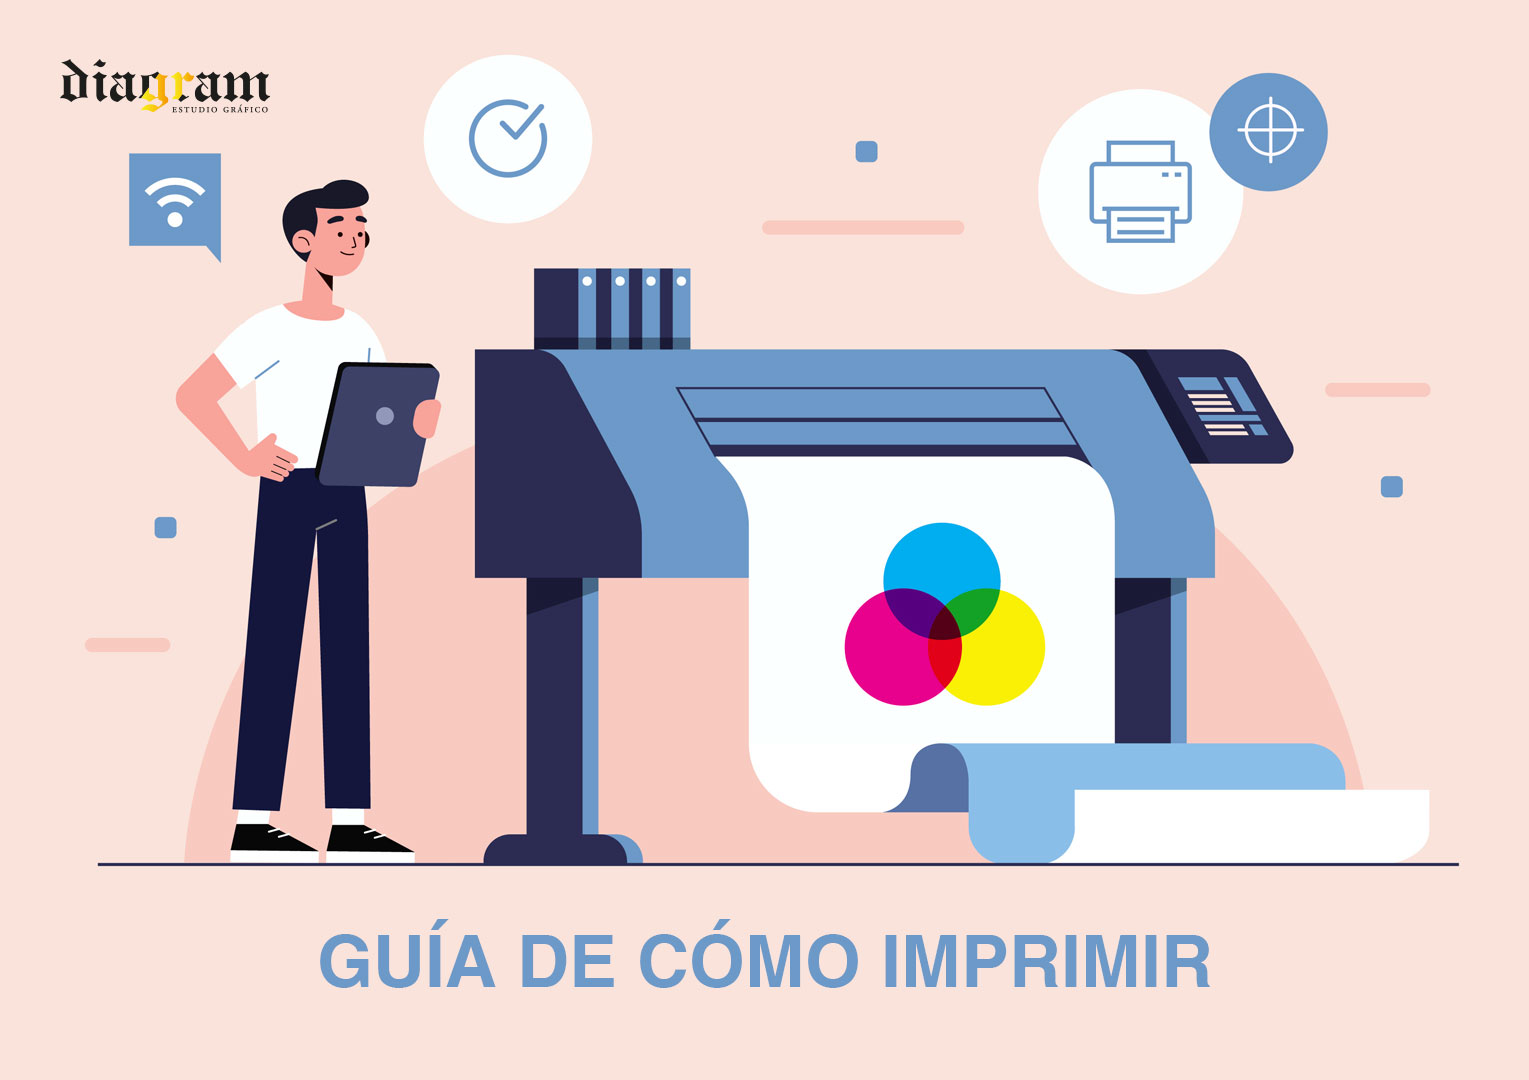 imagen persona al lado de maquina de impresion cmyk con texto